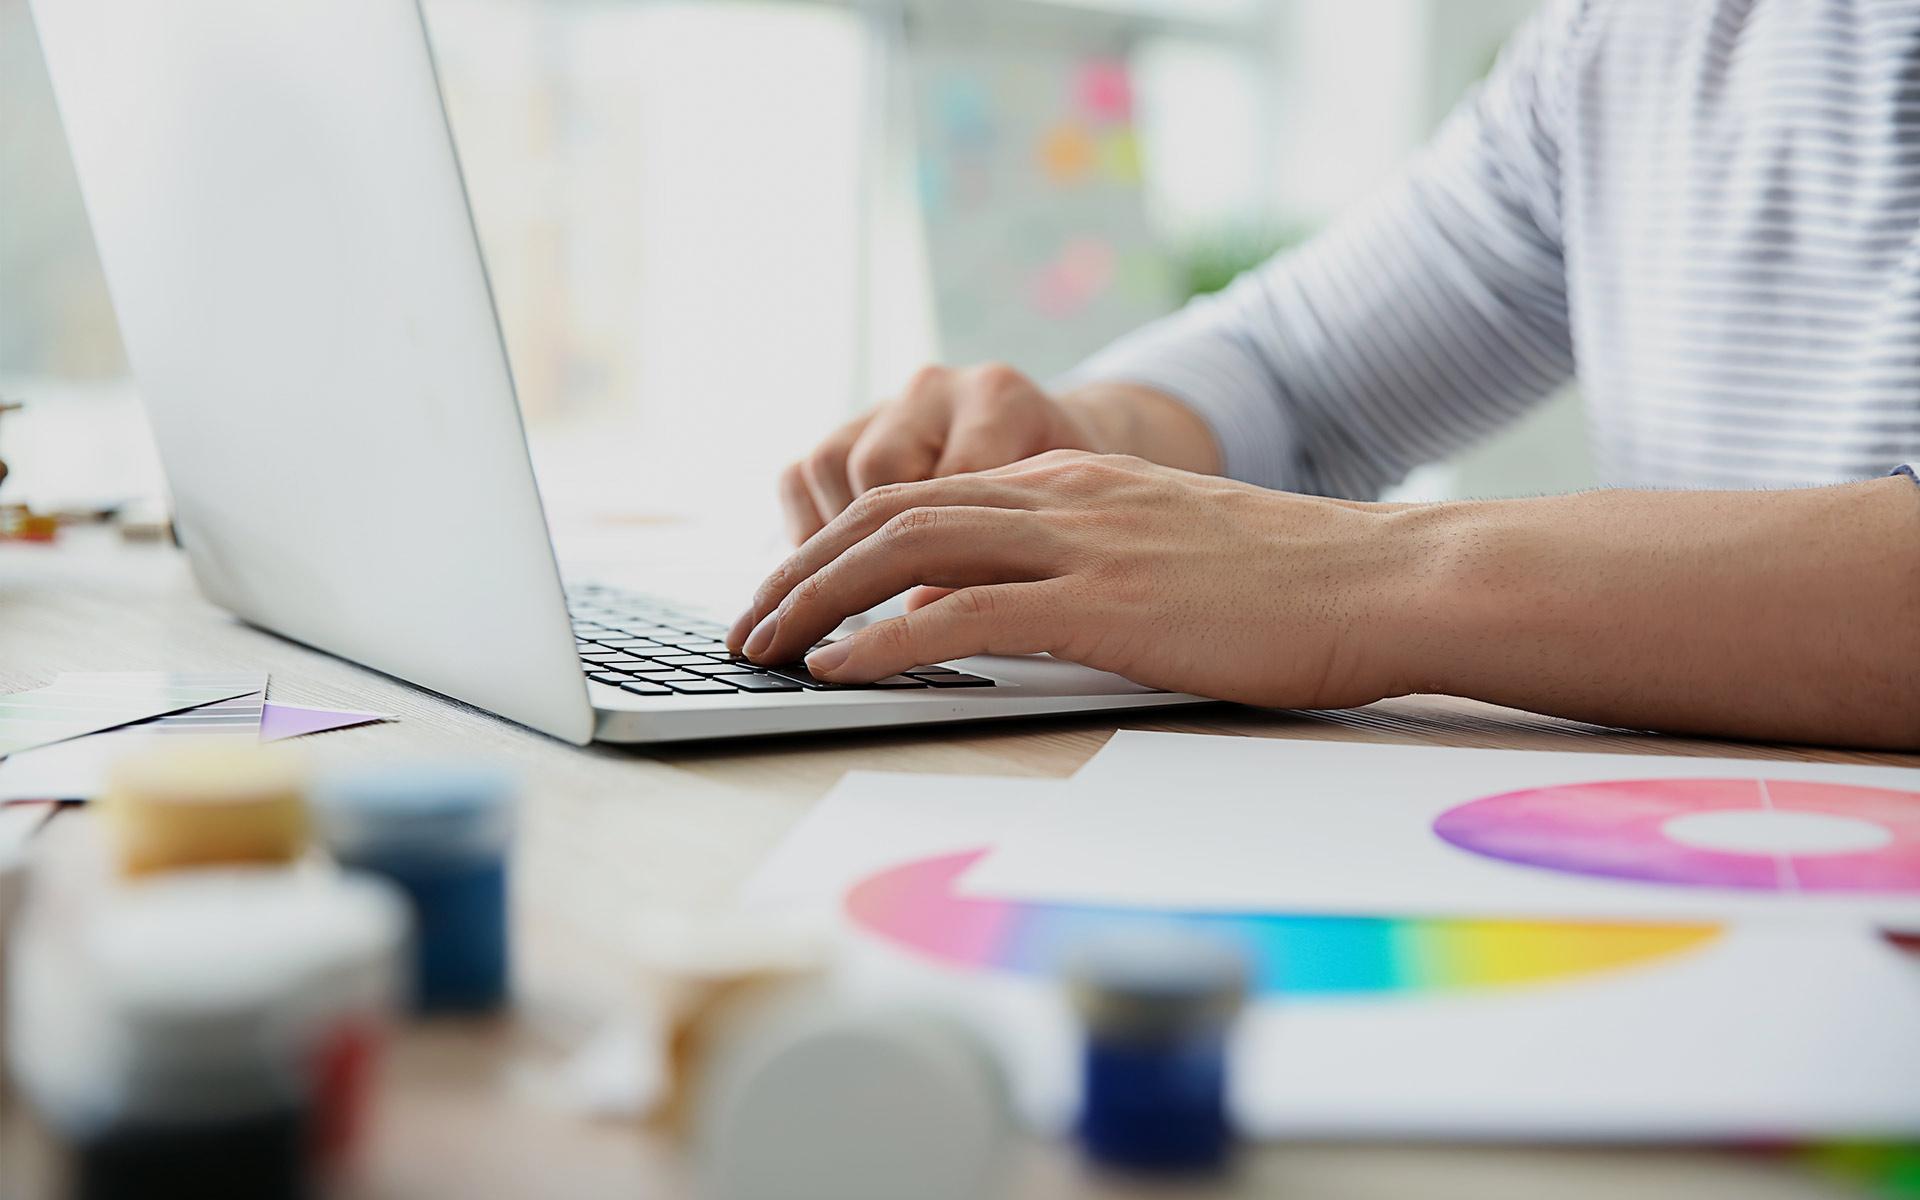 Mann arbeitet kreativ am Schreibtisch